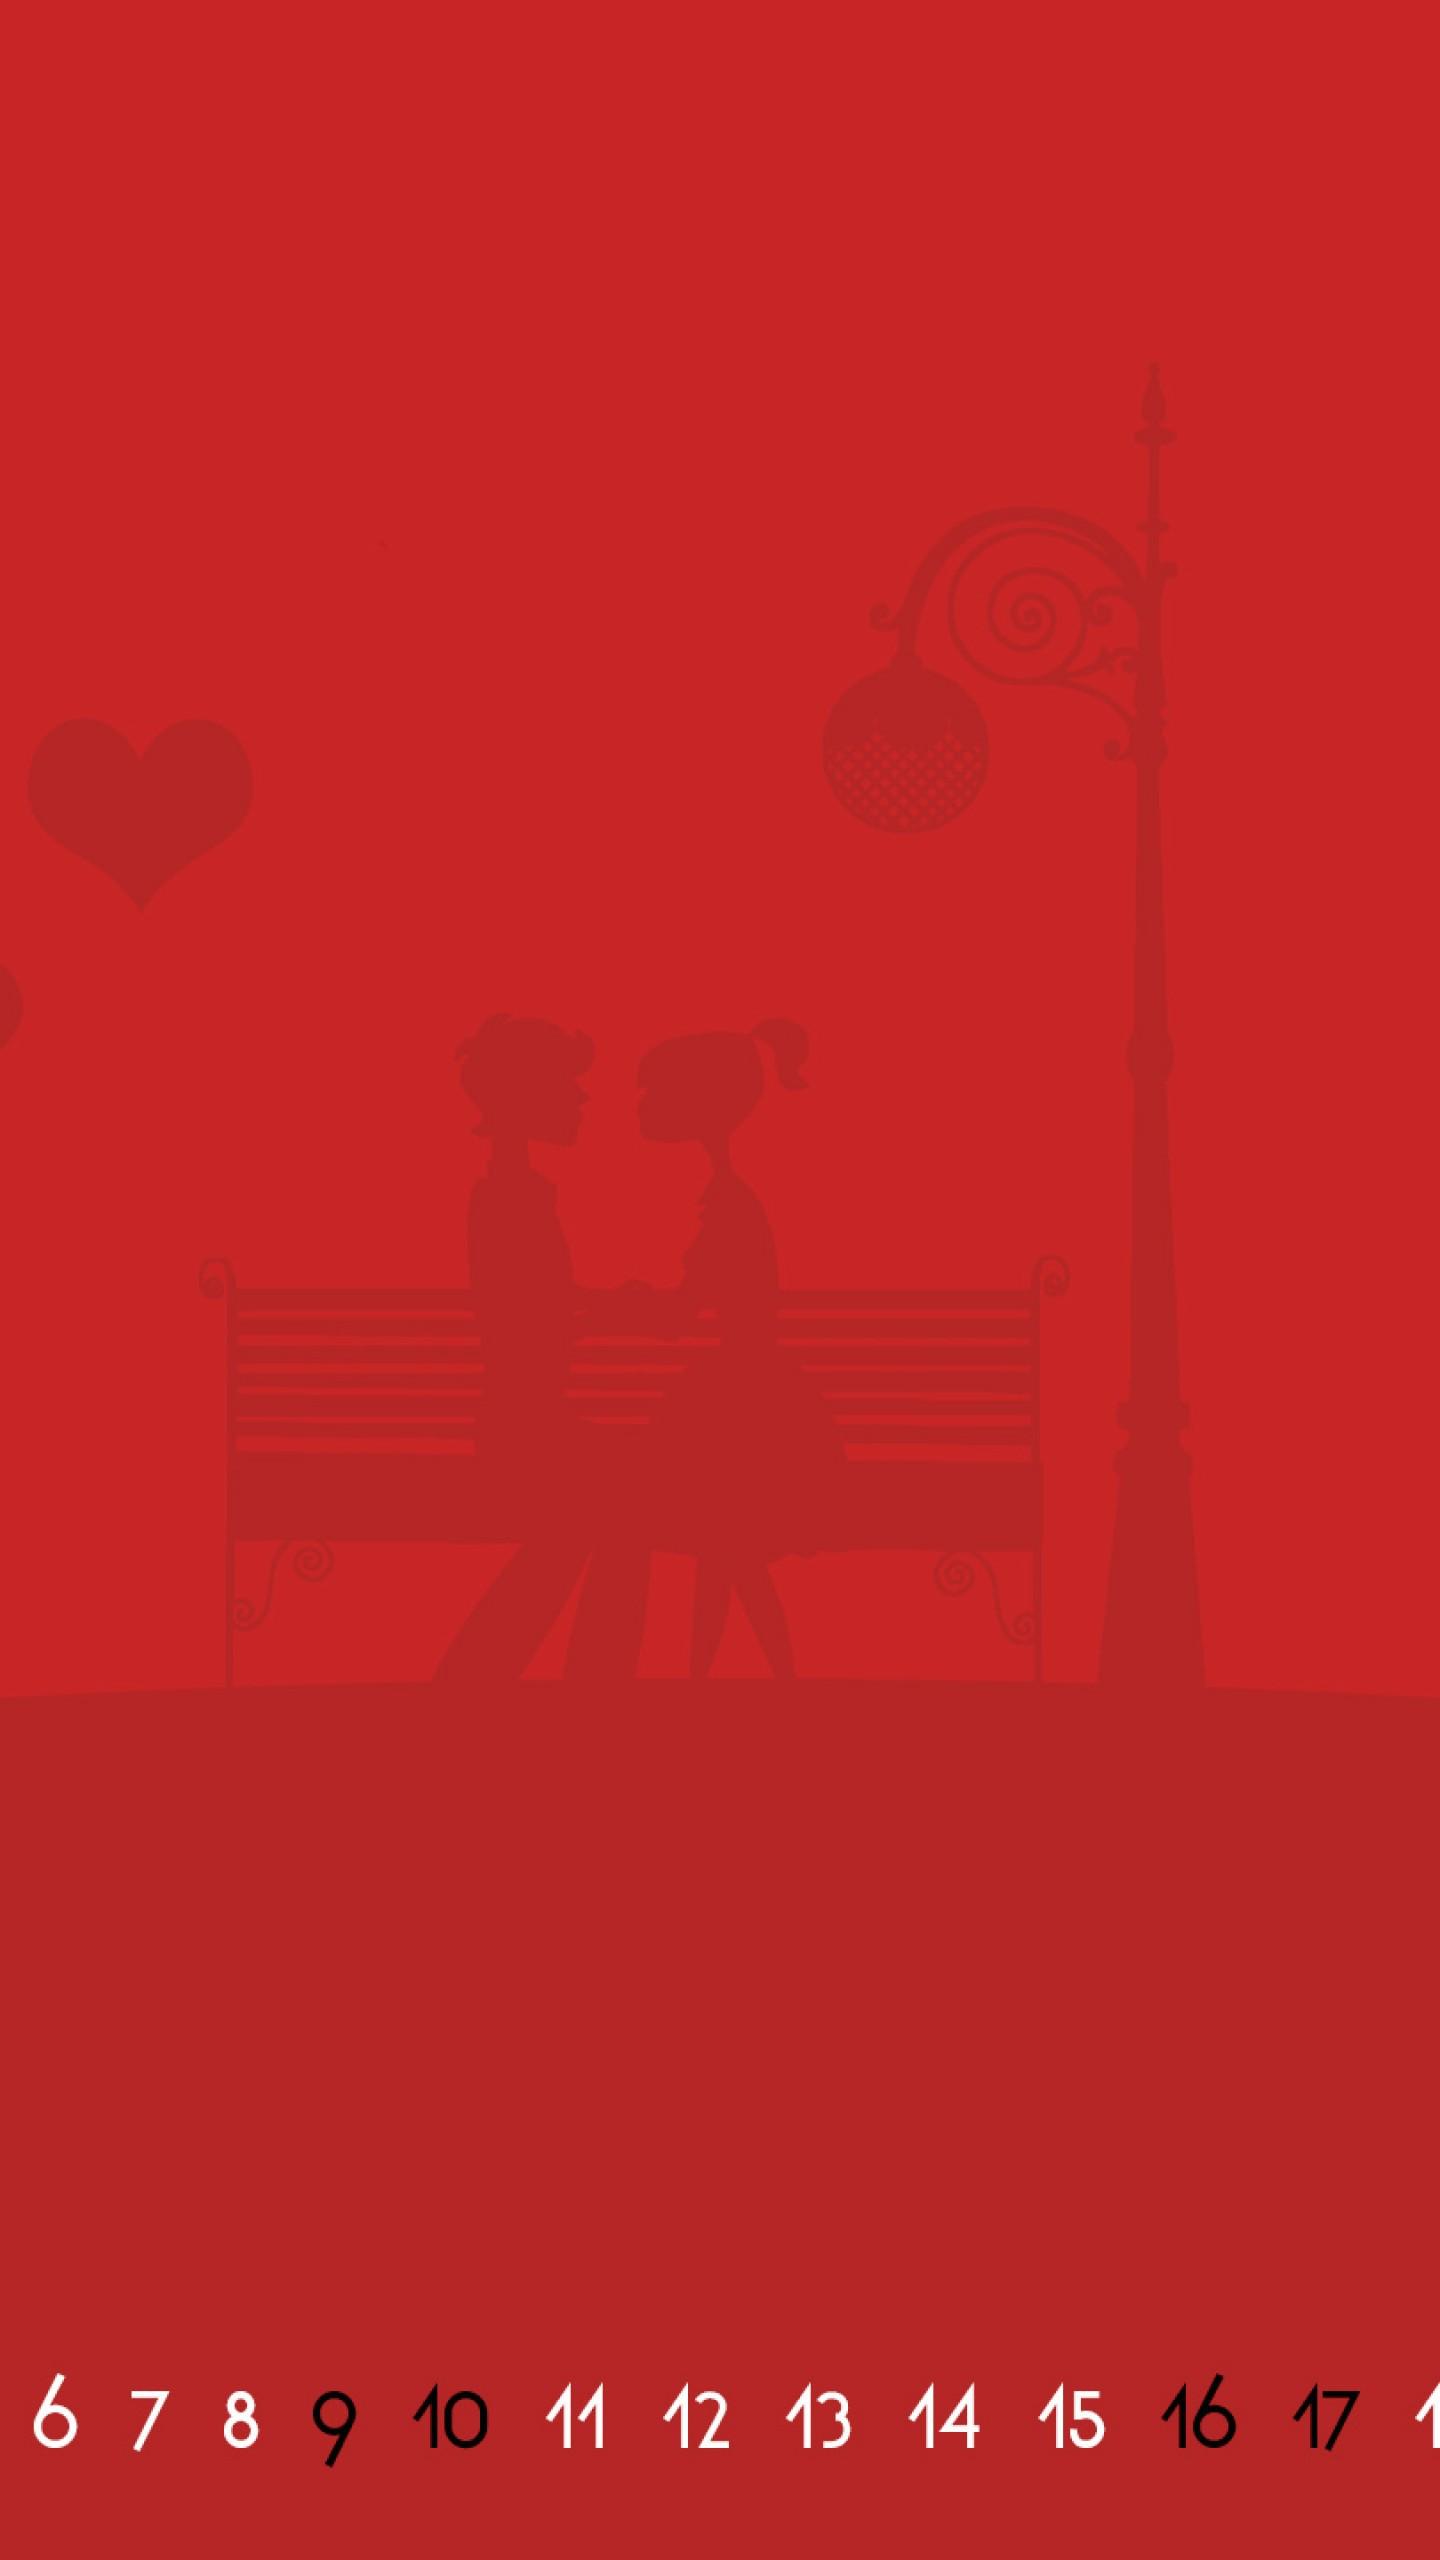 عکس زمینه تقویم قرمز ماه فوریه و زن و شوهر عاشق پس زمینه